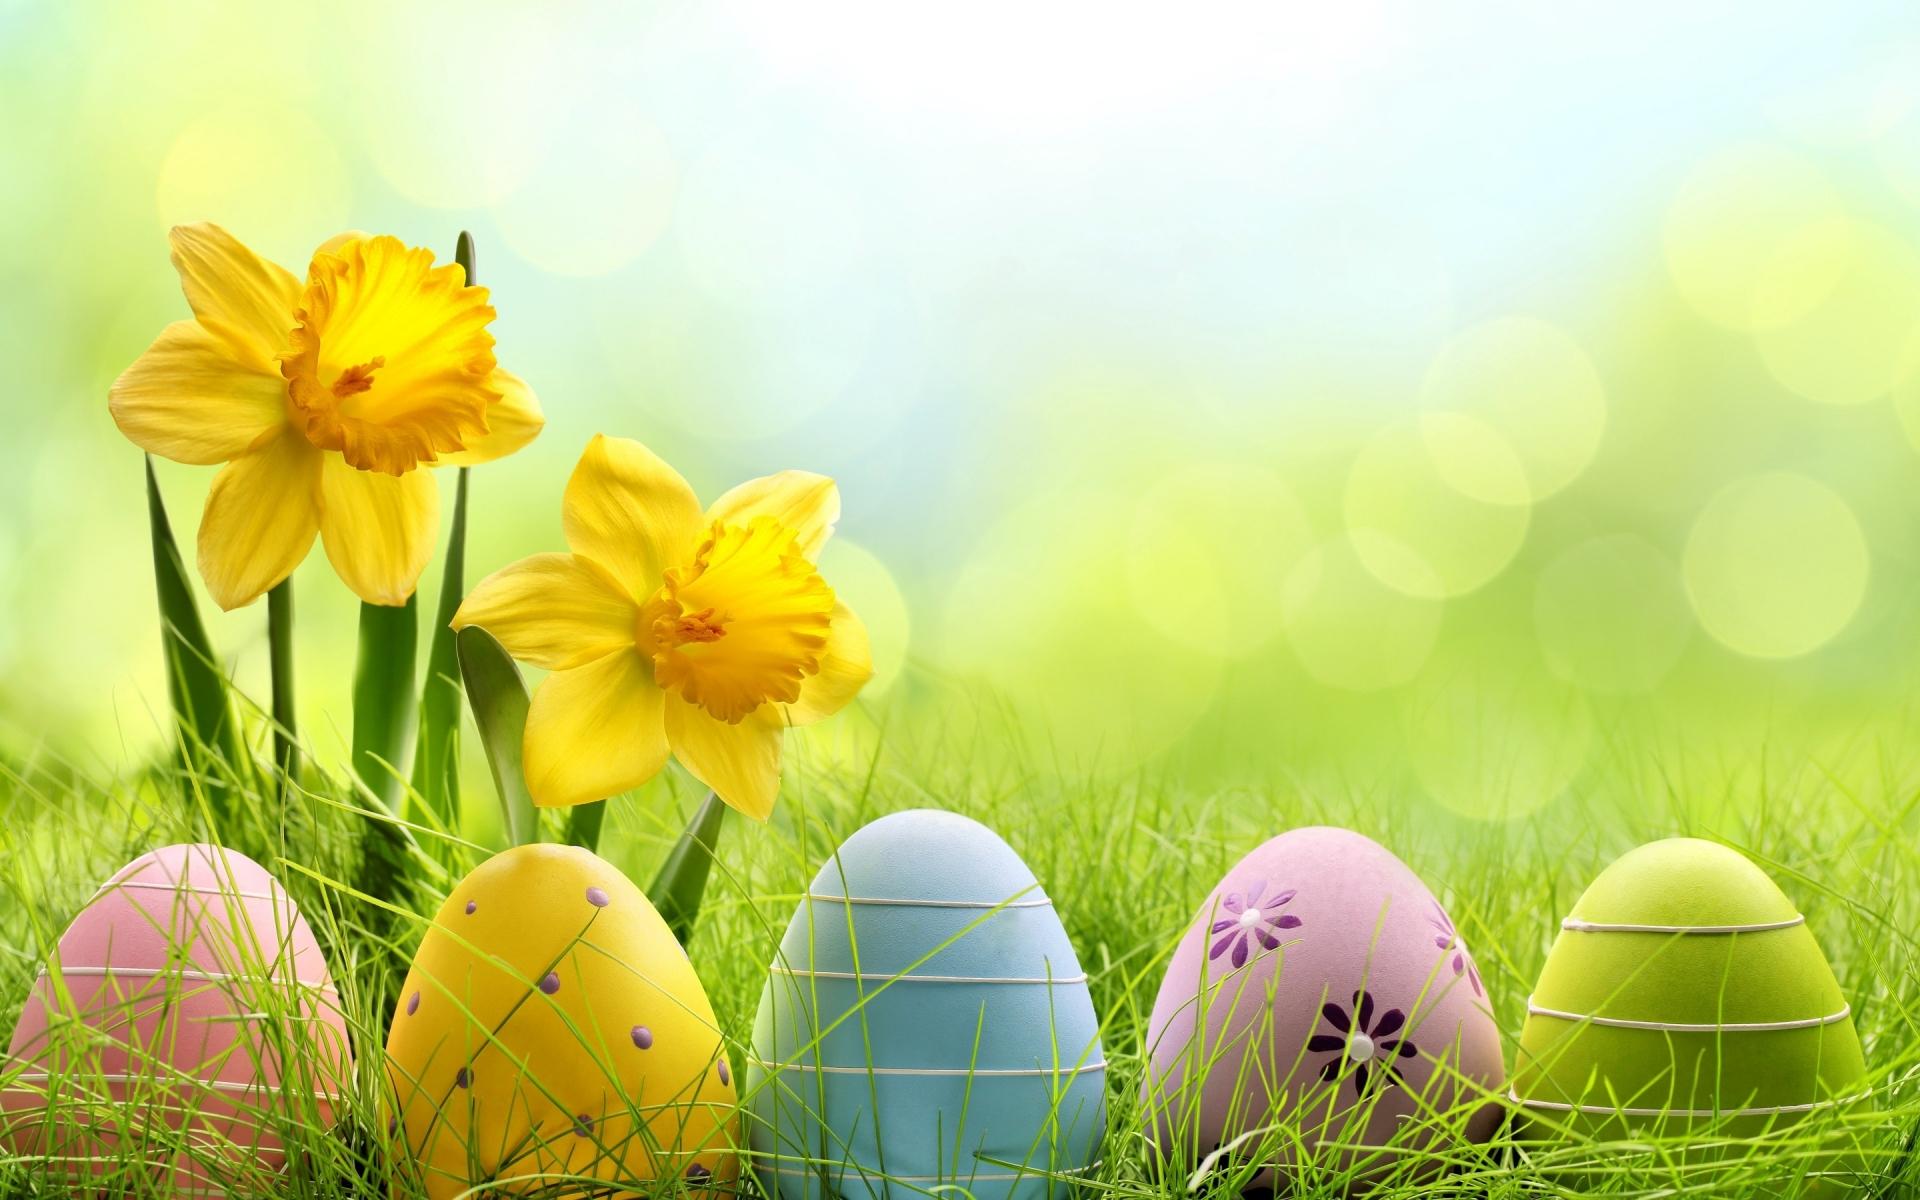 Hd wallpaper easter - Wallpaper Hd Cute Easter Eggs Hd Wallpaper Expert